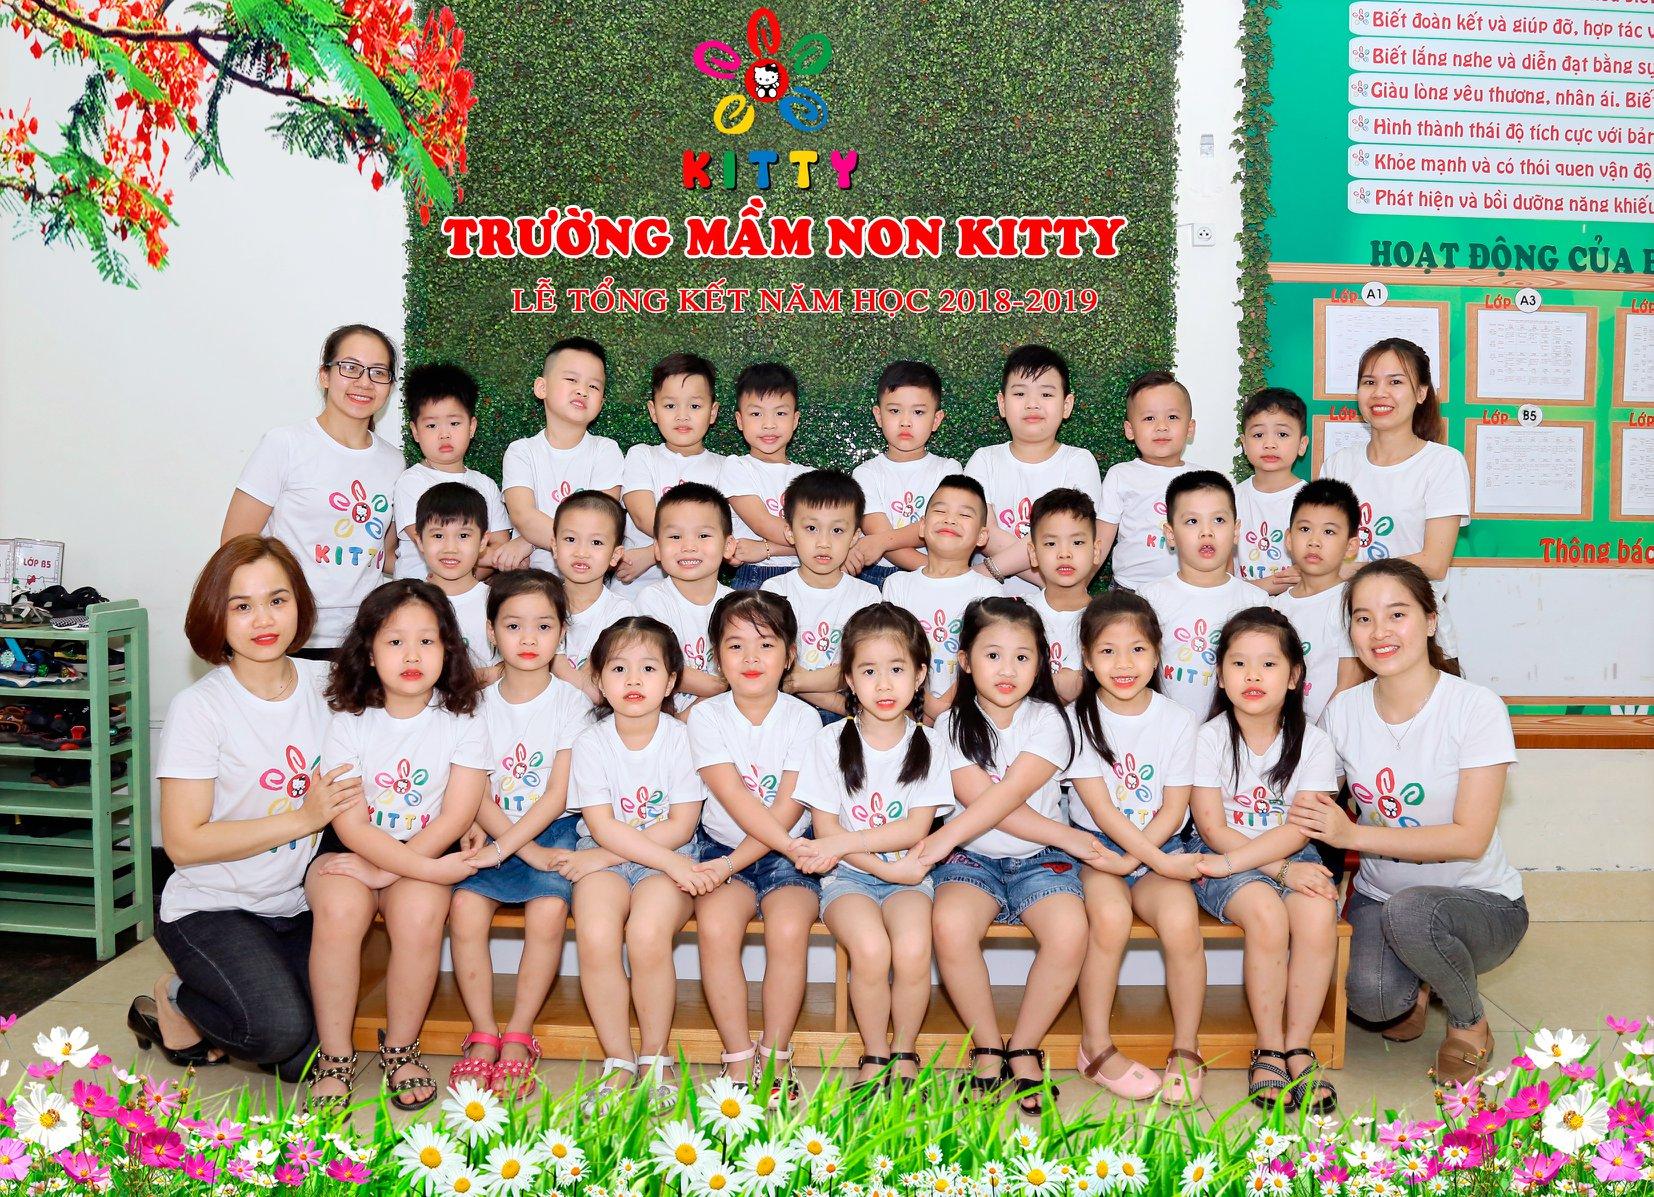 Trường mầm non Kitty -  Dư Hàng